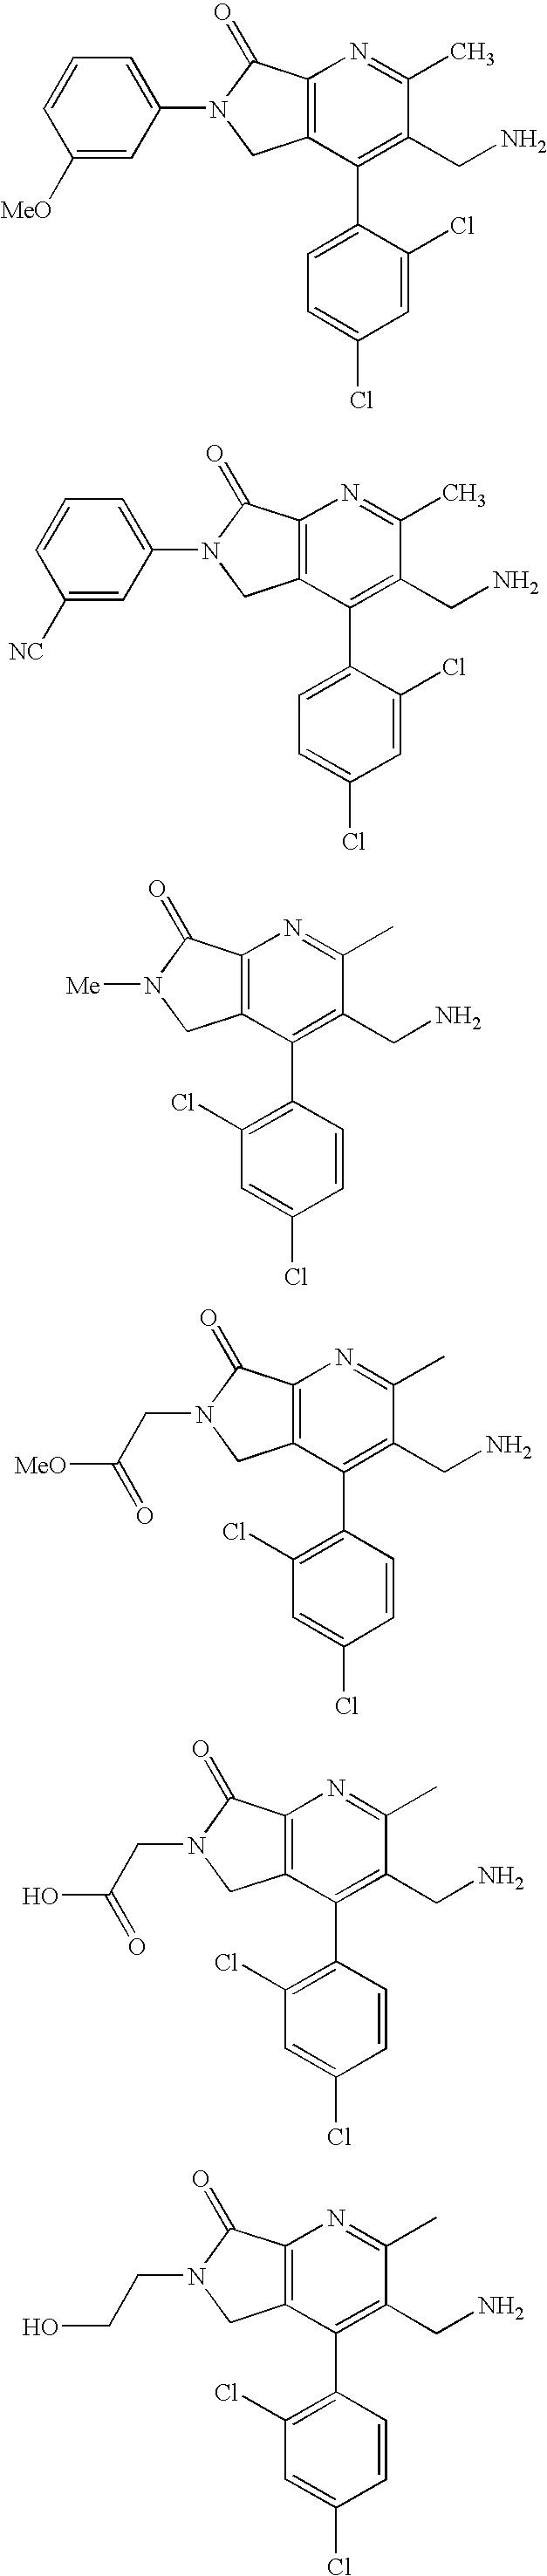 Figure US07521557-20090421-C00008